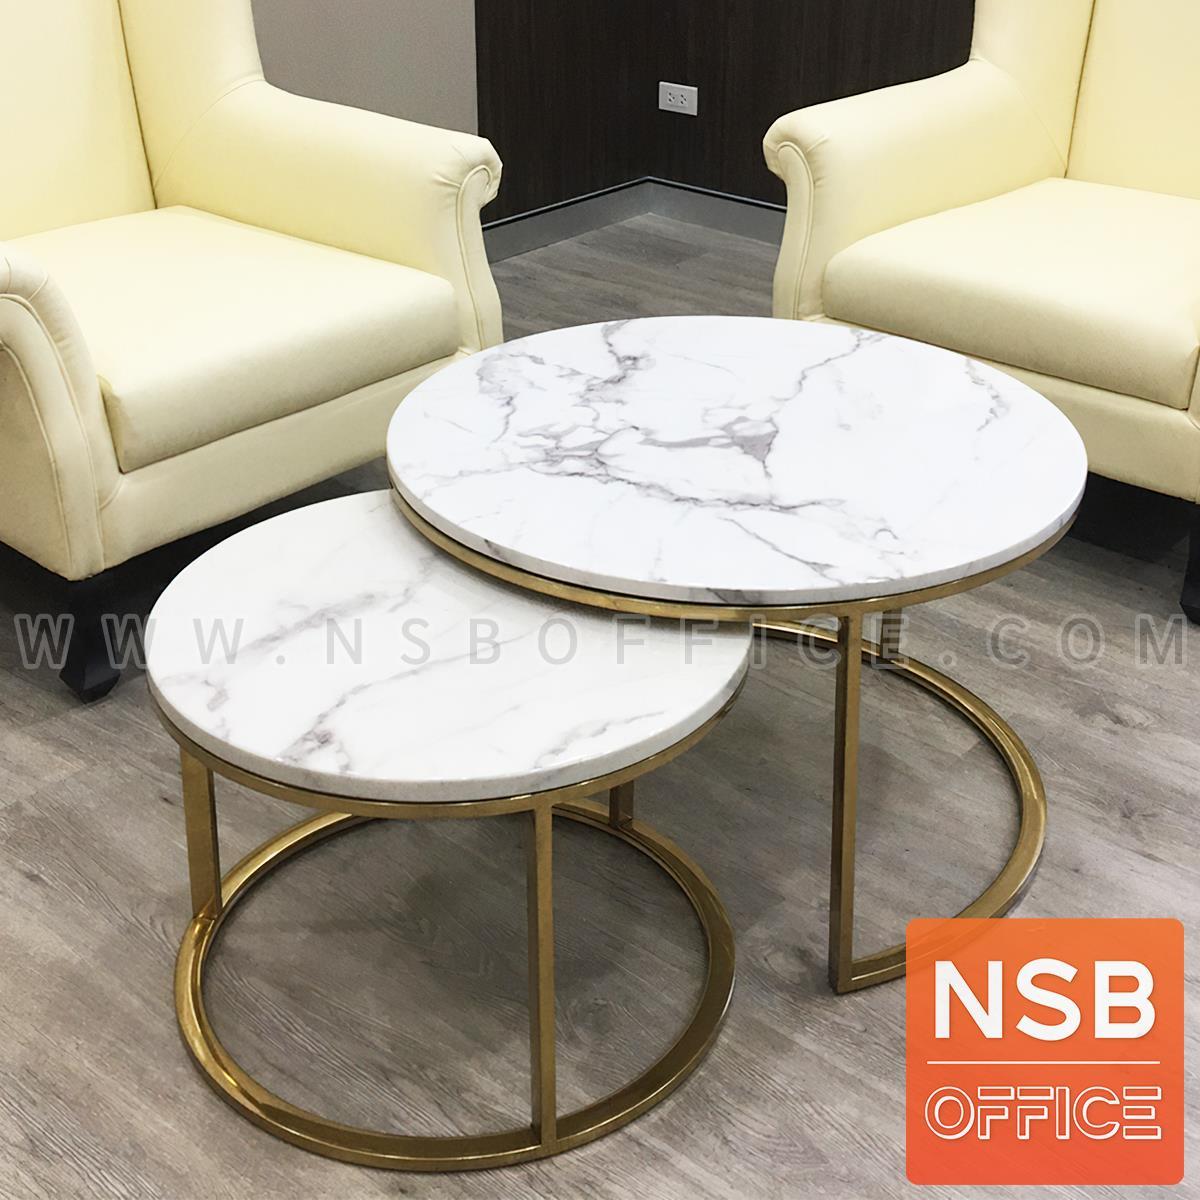 โต๊ะกลางหินอ่อนสีขาว รุ่น Lightfine (ไลท์ไฟน์)   ขาสแตนเลสชุบทอง